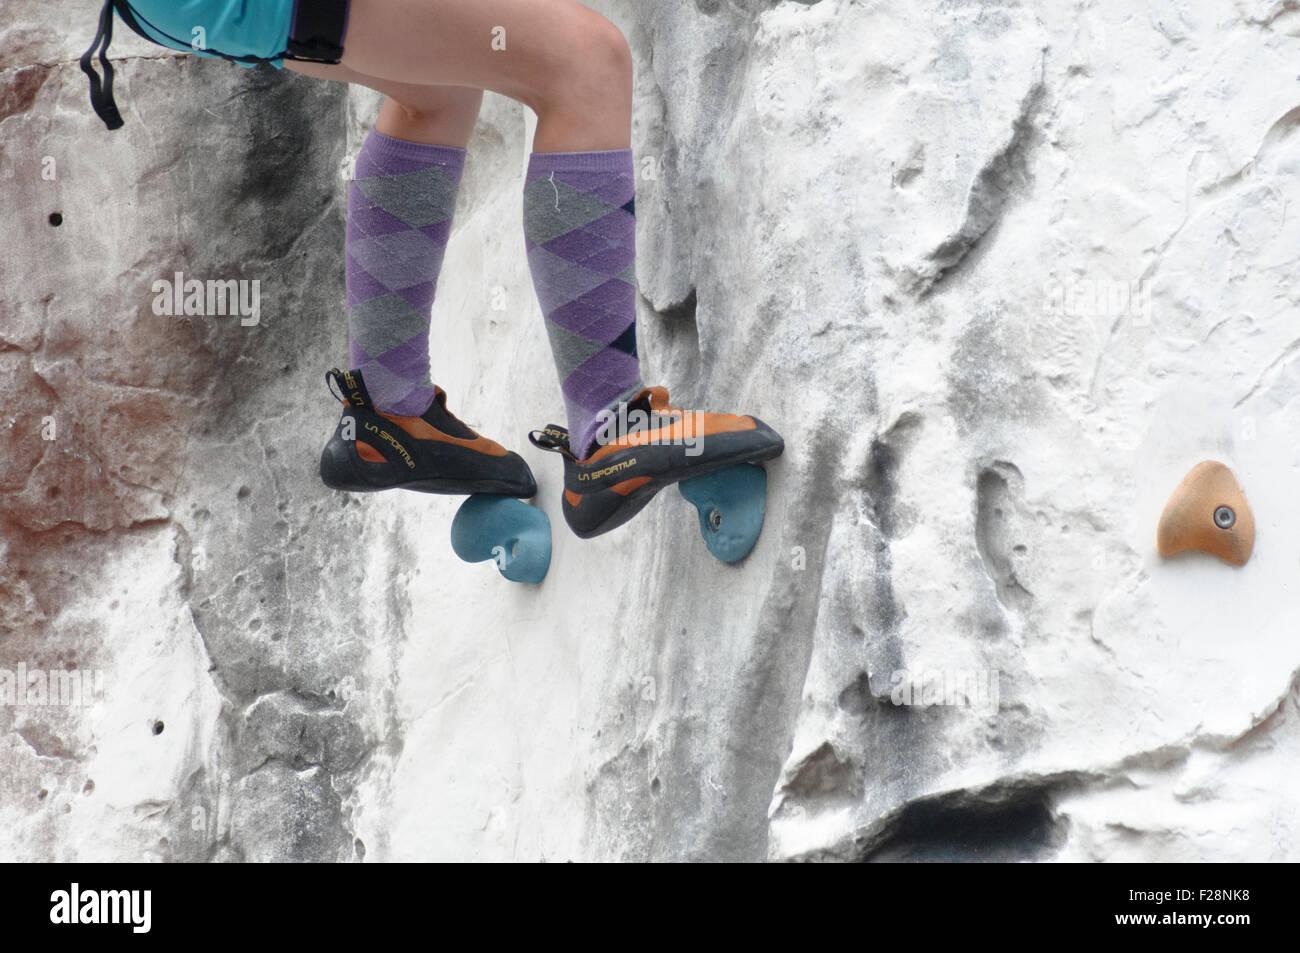 Young Teen ragazza si arrampica un artificiale di arrampicata vicino fino ai piedi e speciali scarpe da arrampicata Immagini Stock